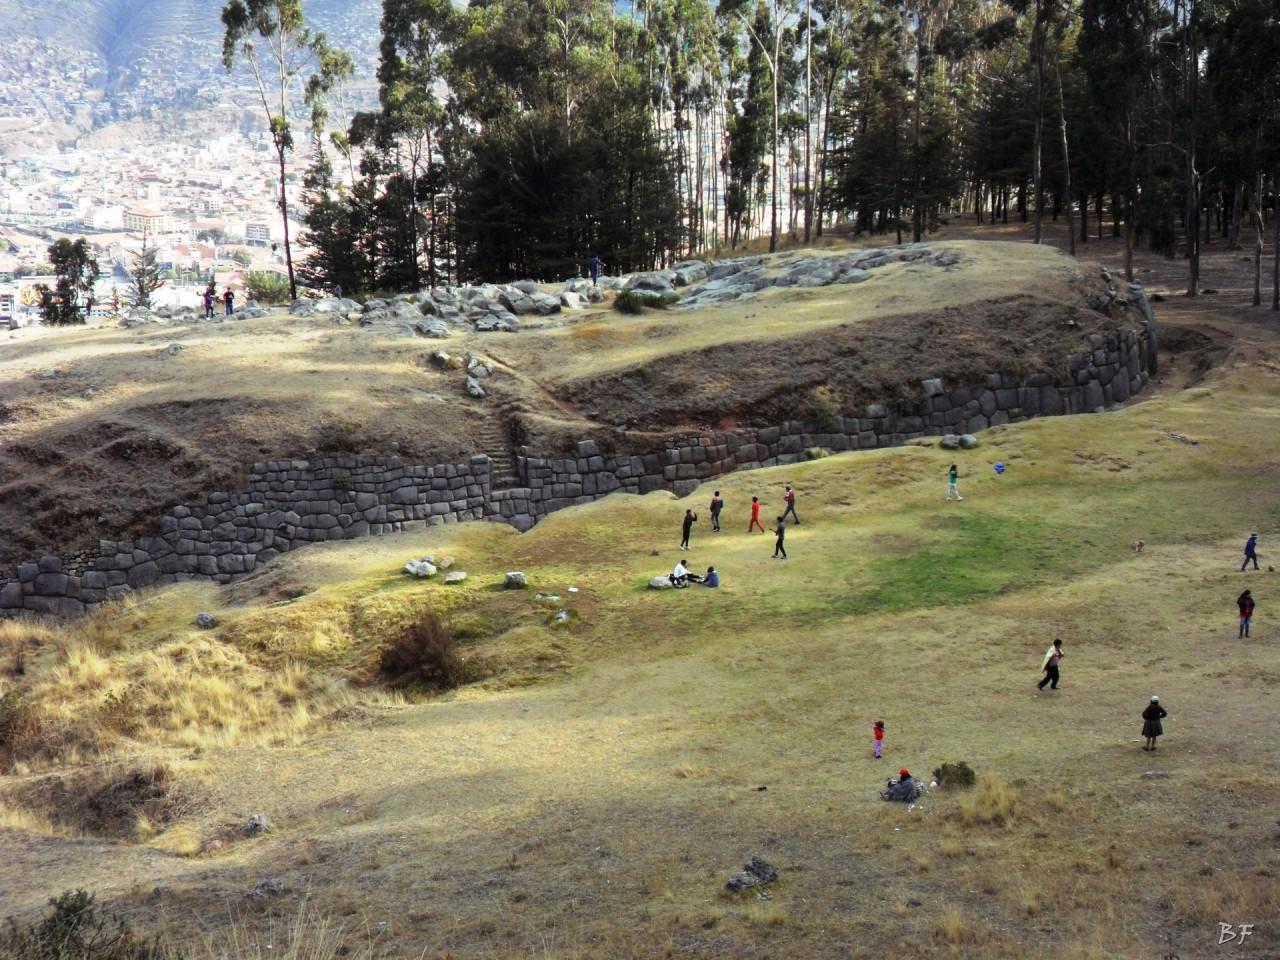 Qenqo-Chico-Altari-Mura-Poligonali-Megaliti-Cusco-Perù-7